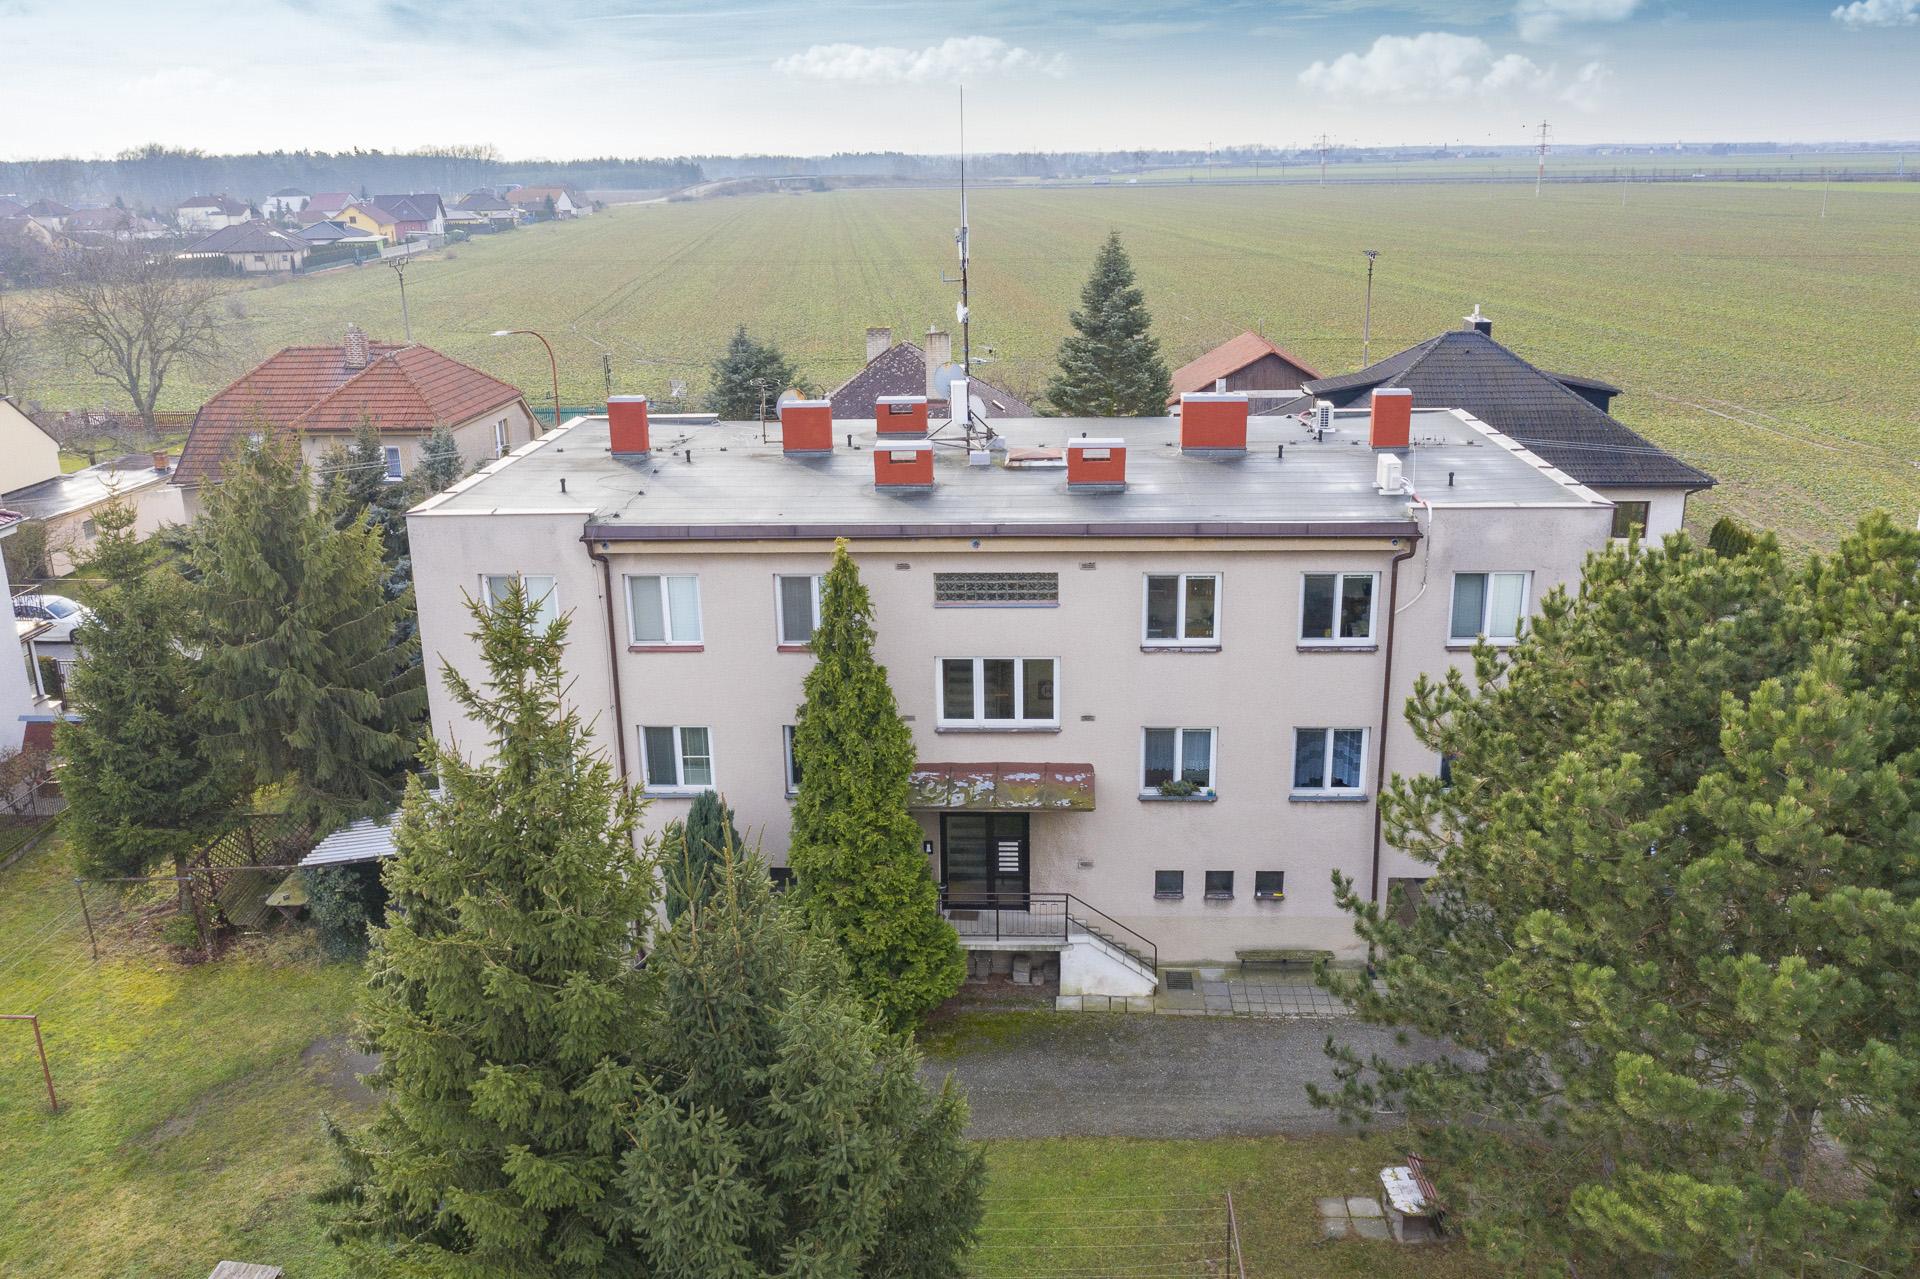 pohled na bytový dům s dronu